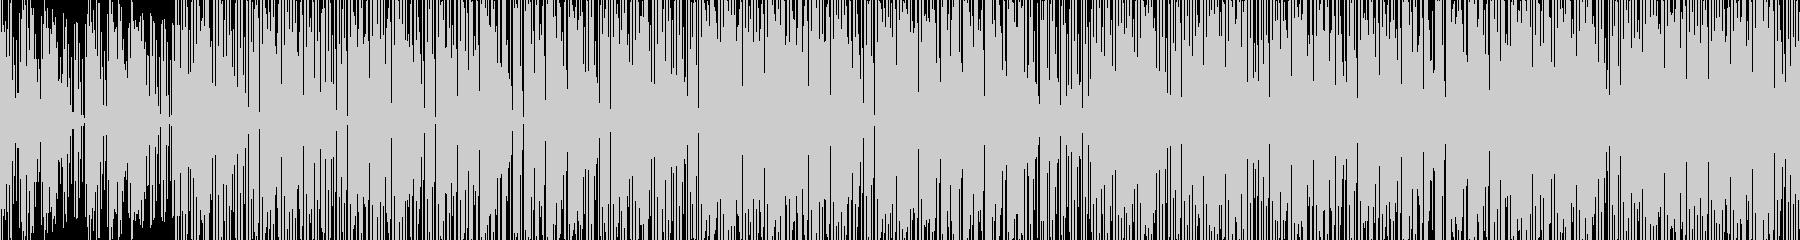 ある穏やかな週末(LOOP対応)の未再生の波形